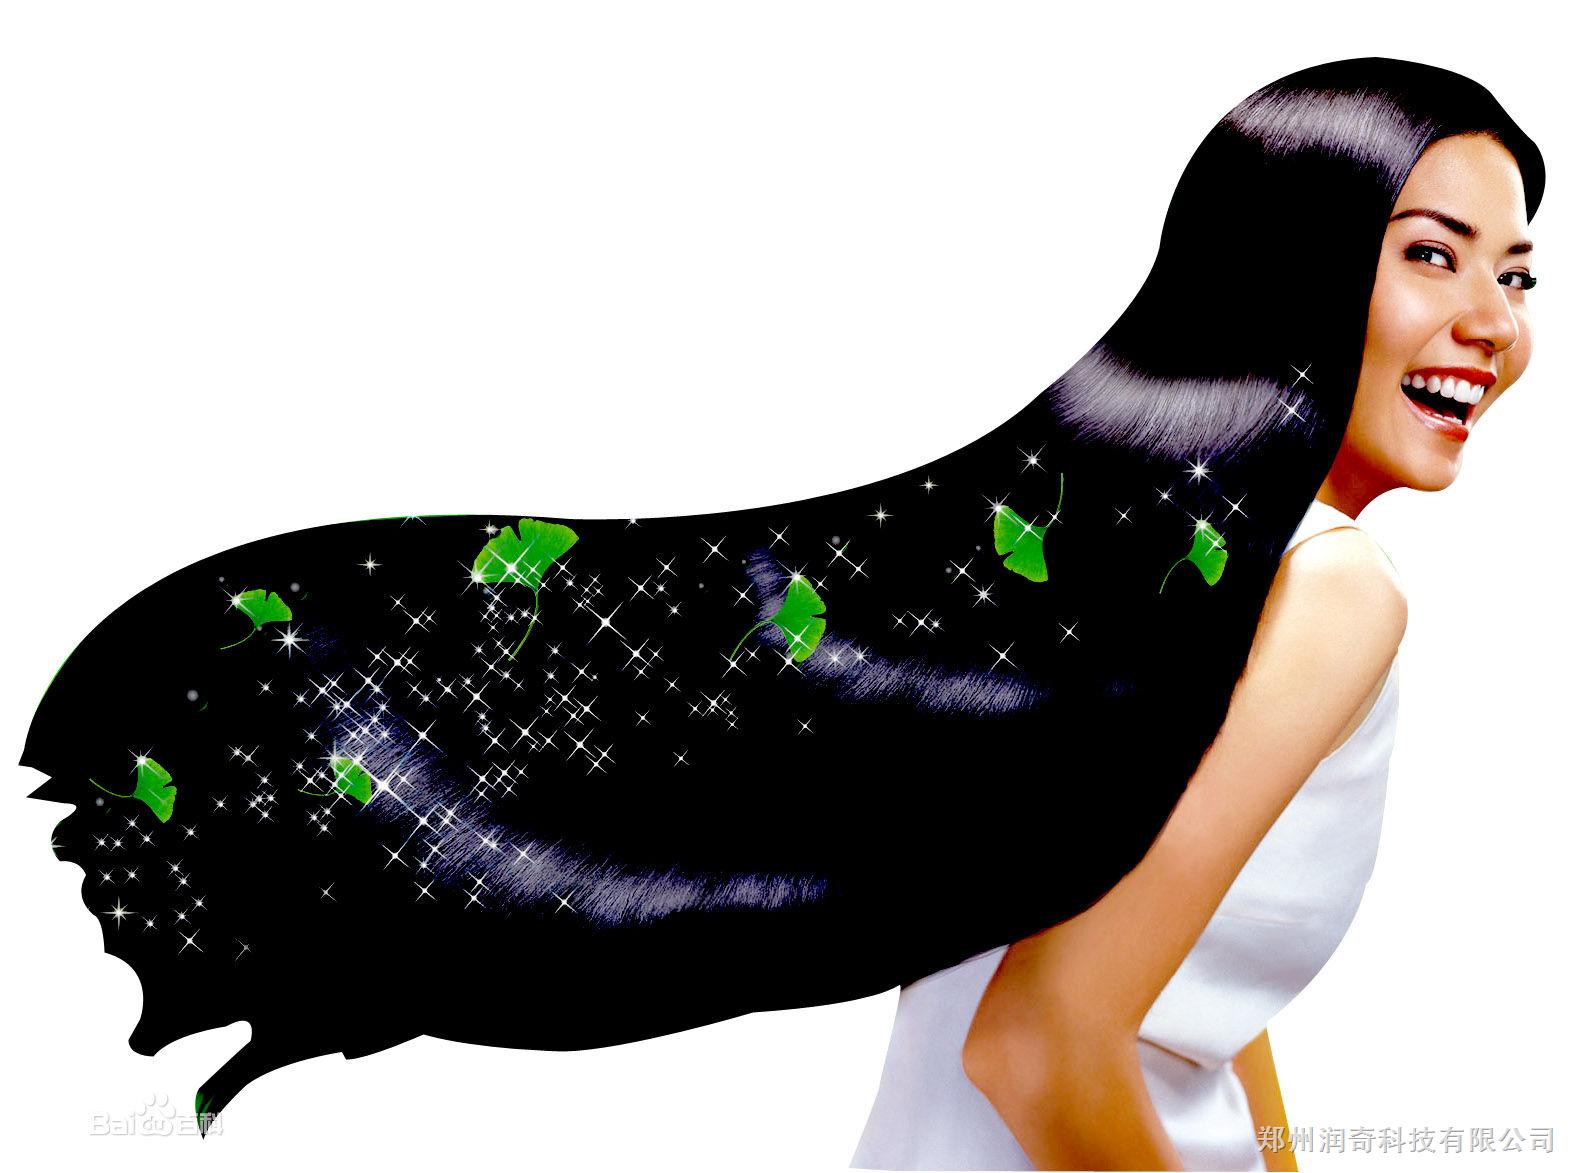 提供纯植物染发剂印度海娜粉染发,止脱生发,白发转黑养发排毒.